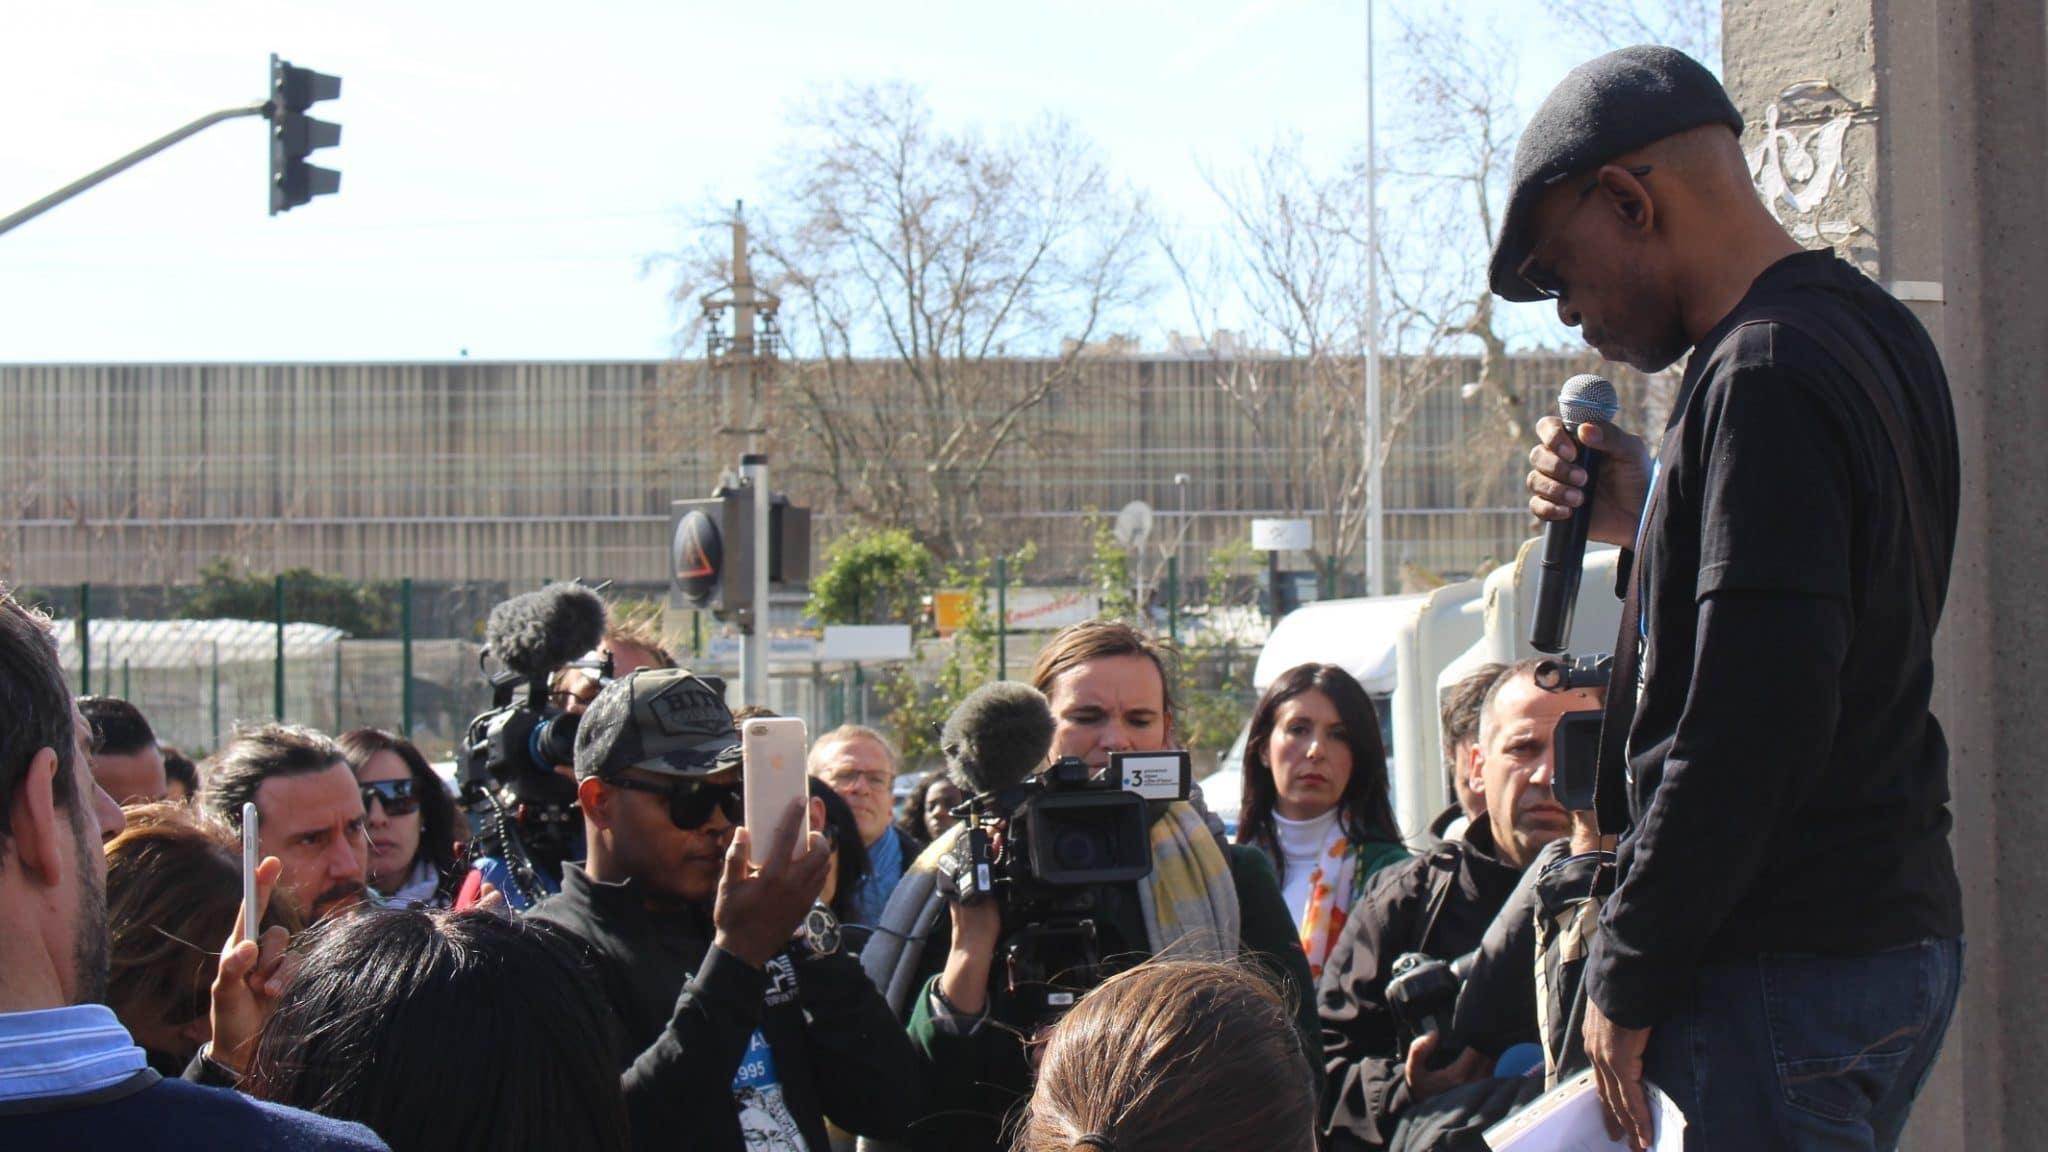 25 ans après la mort d'Ibrahim Ali, «barrer la route au FN» est toujours d'actualité